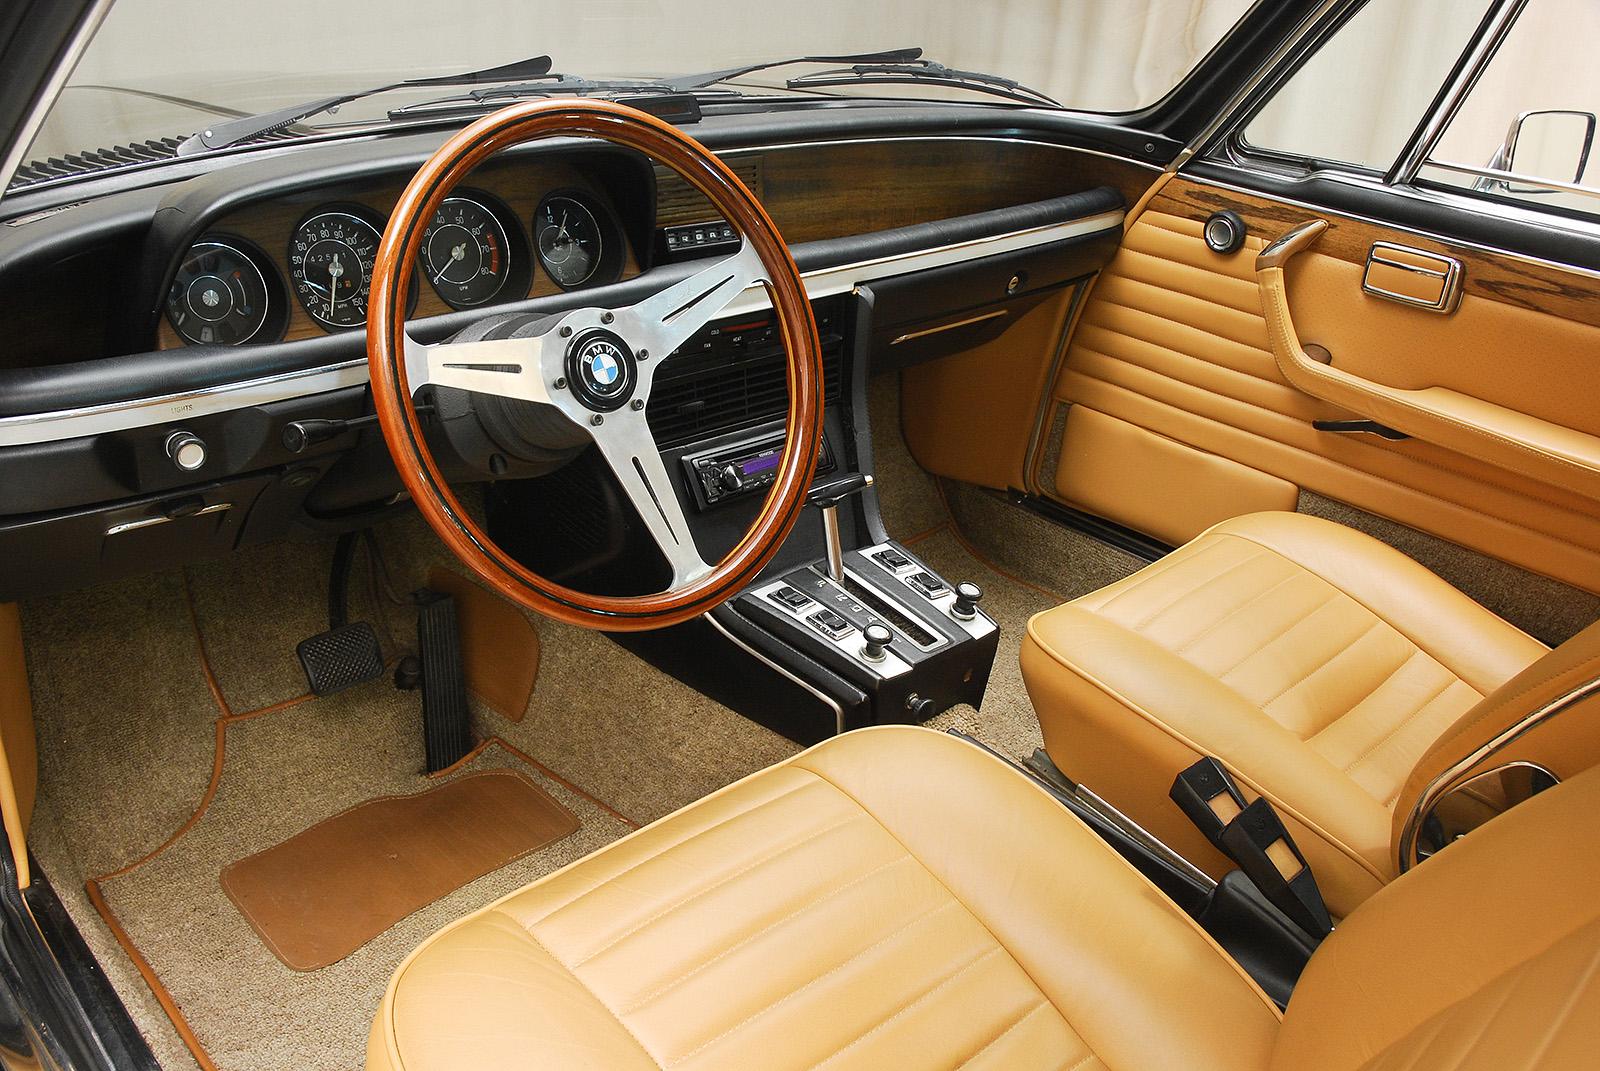 BMW E9 1968 - 1975 Coupe #3